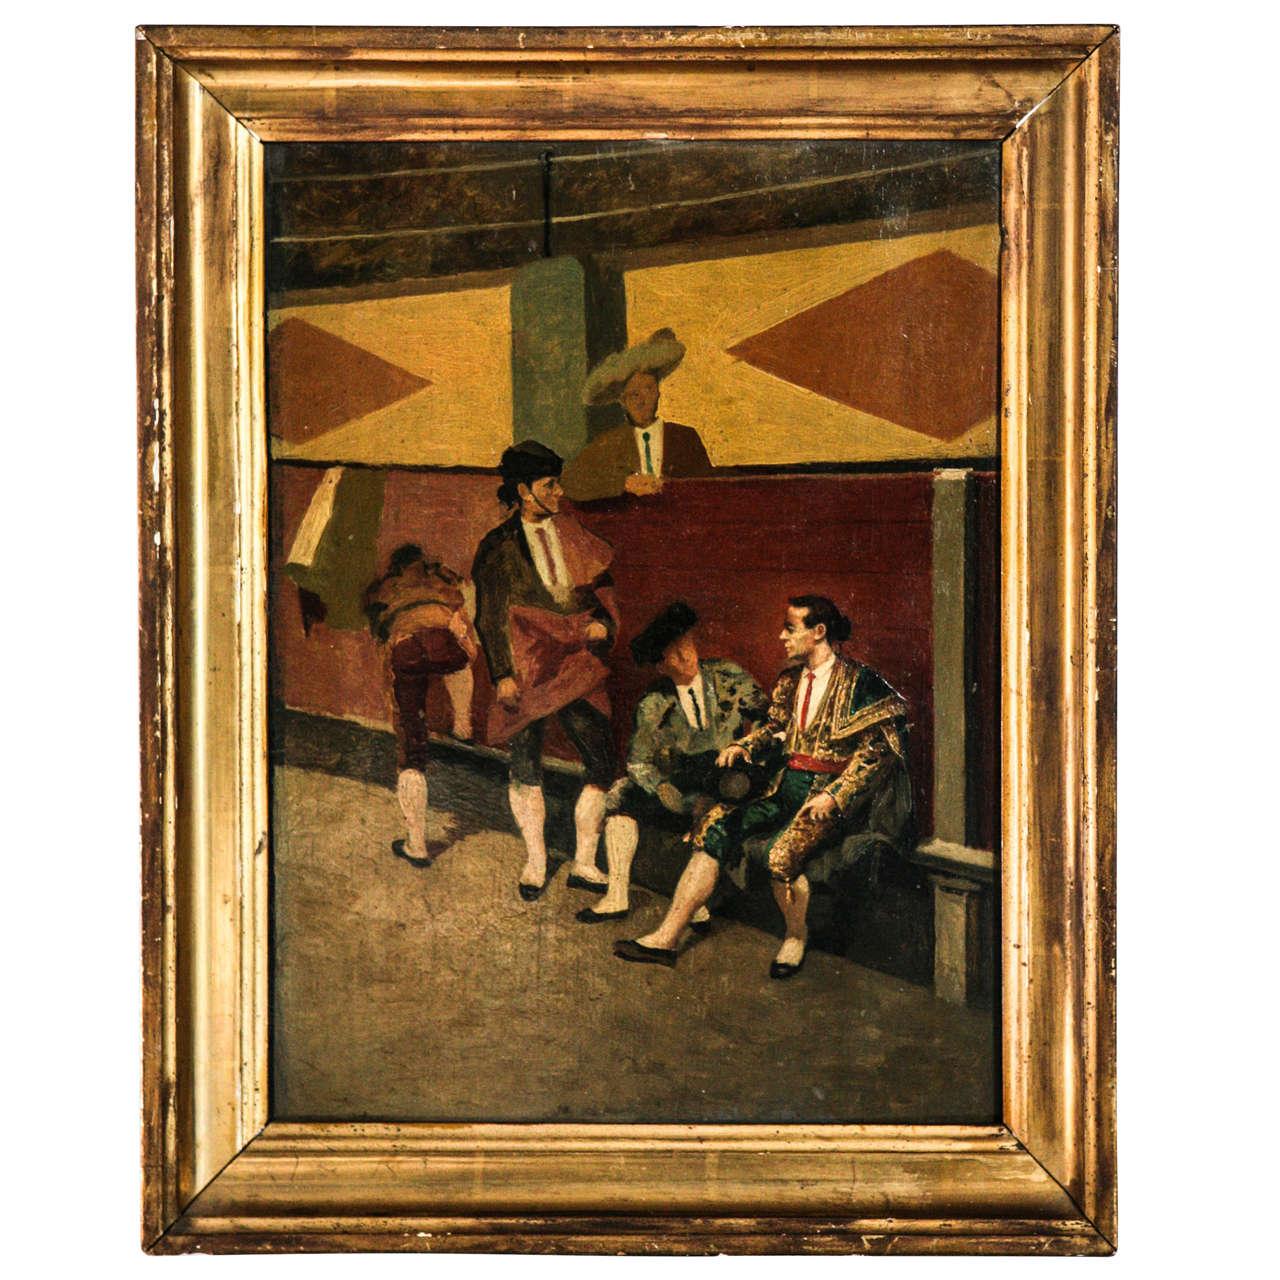 Matadors at Rest, Painting